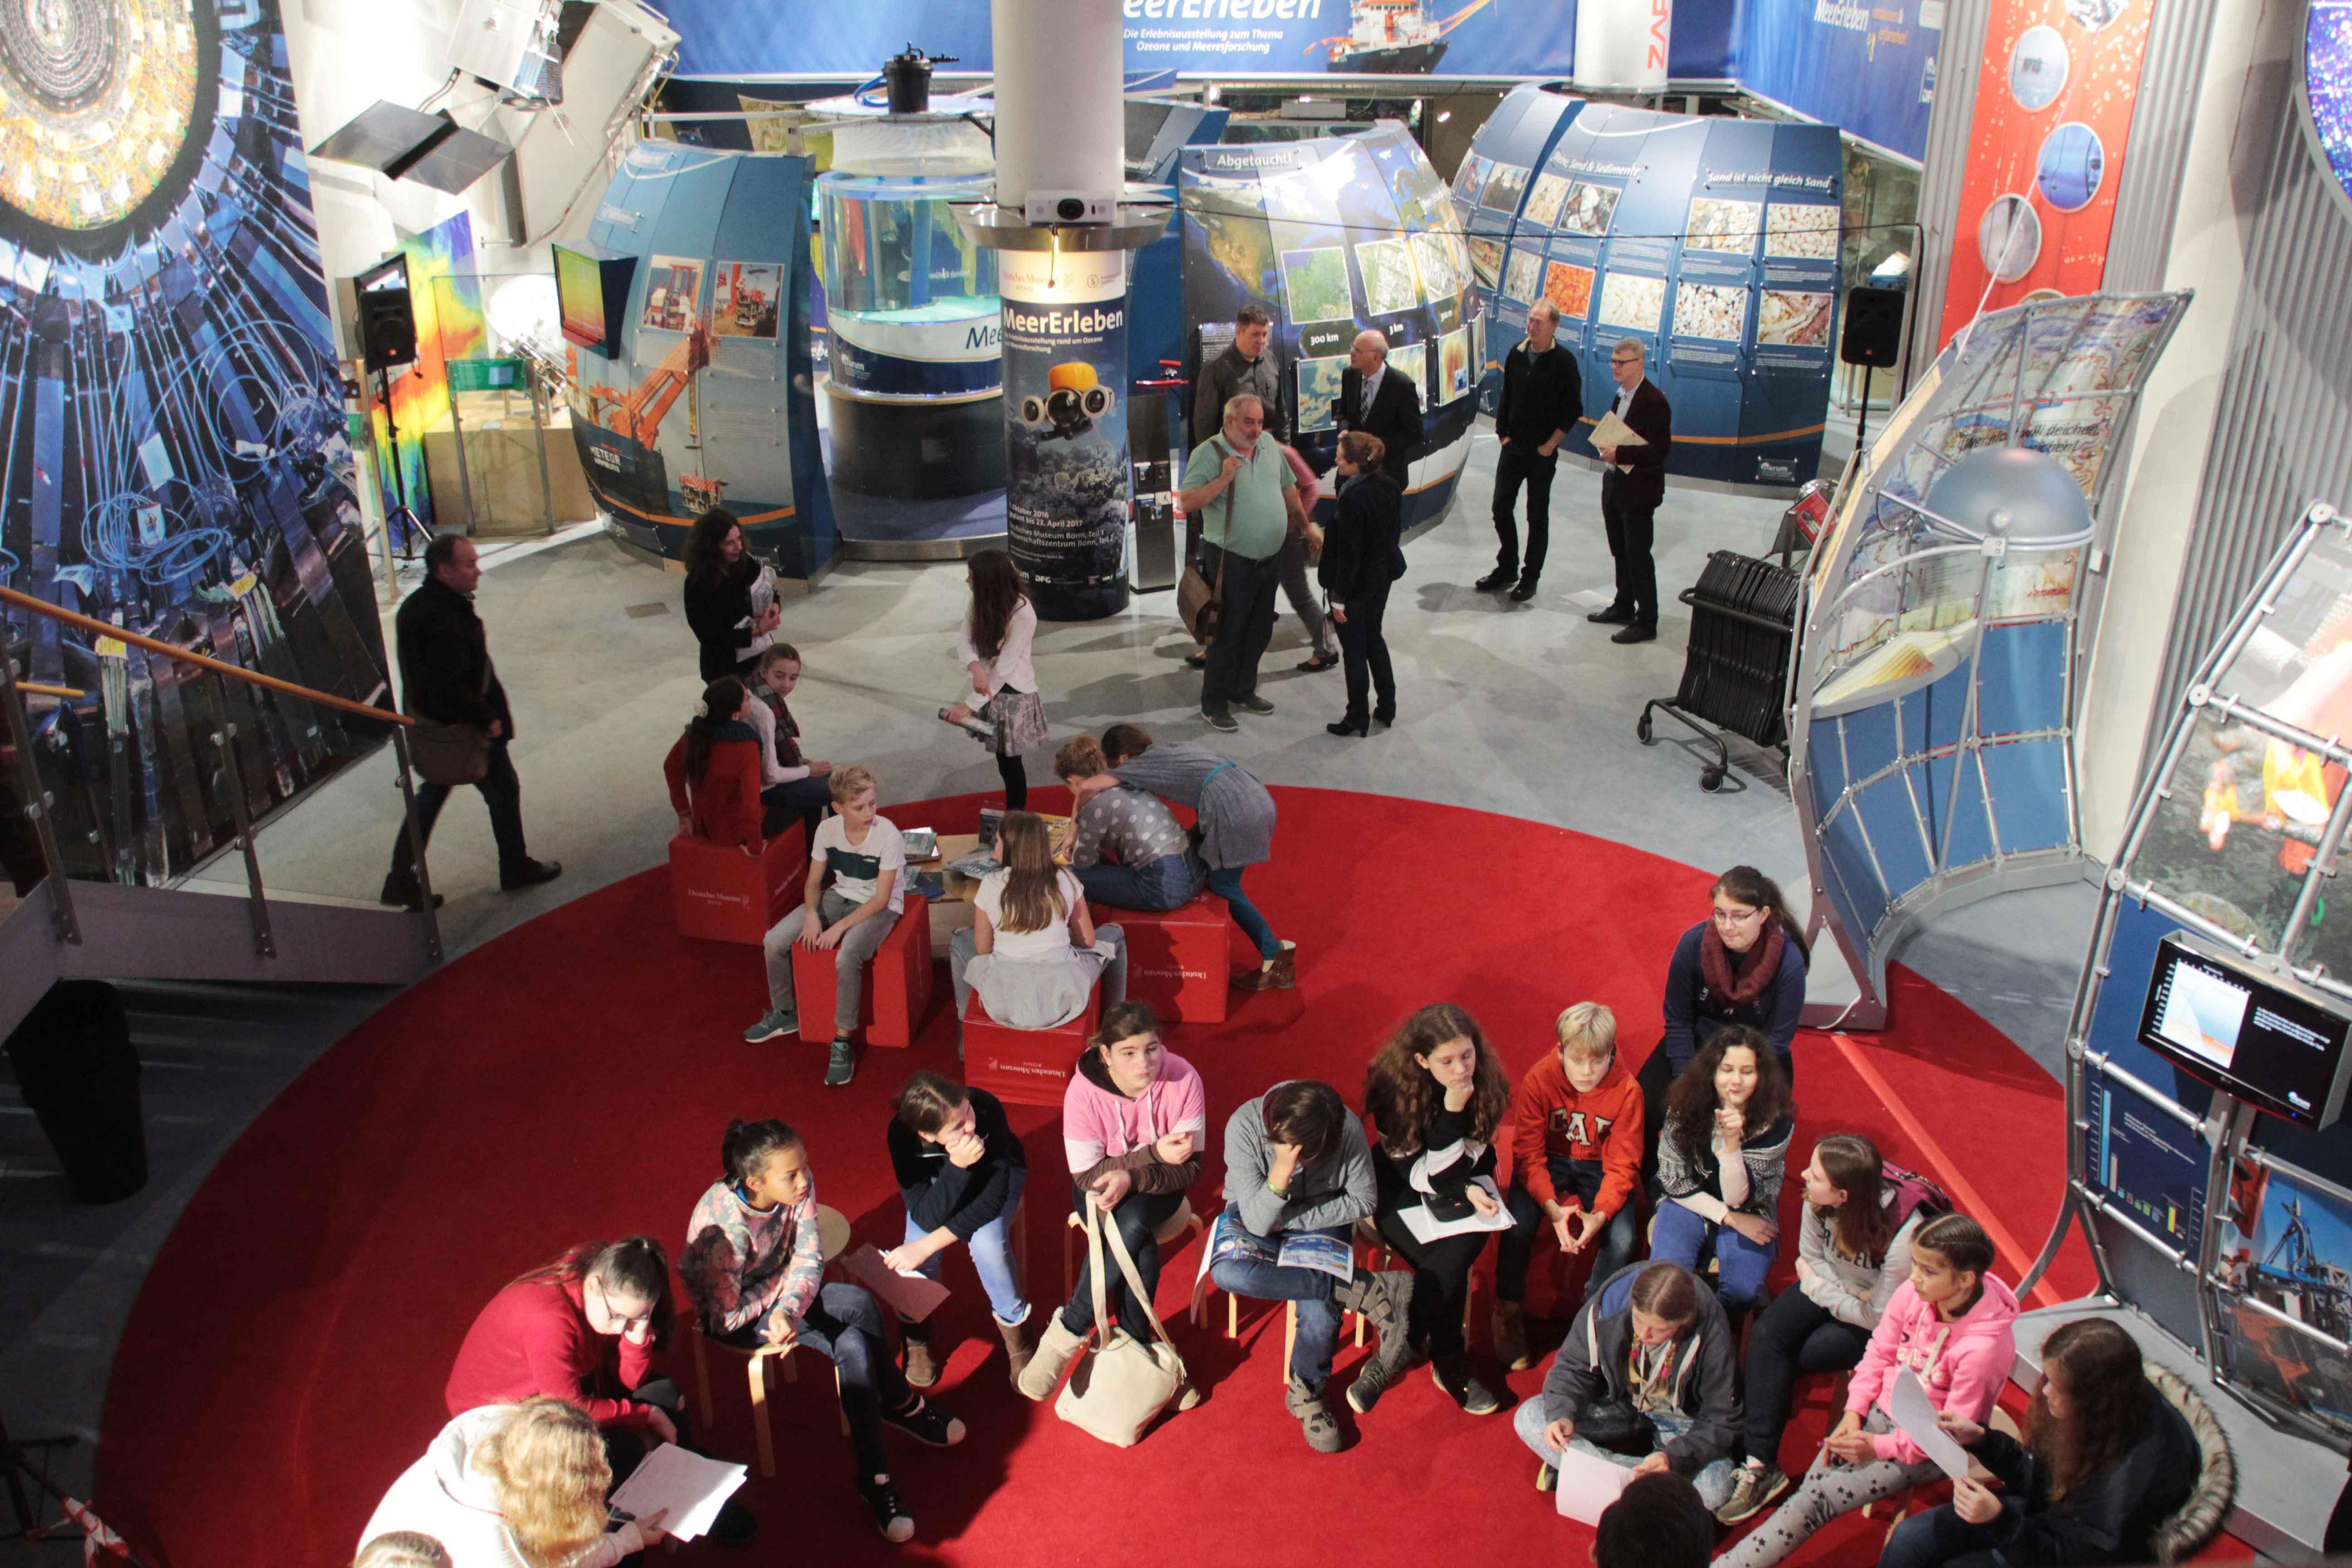 Ziel zahlreicher Schulklassen und privater Besucher aus dem Rhein-Sieg-Kreis: Deutsches Museum Bonn im Wissenschaftszentrum. Foto: A. Hauser